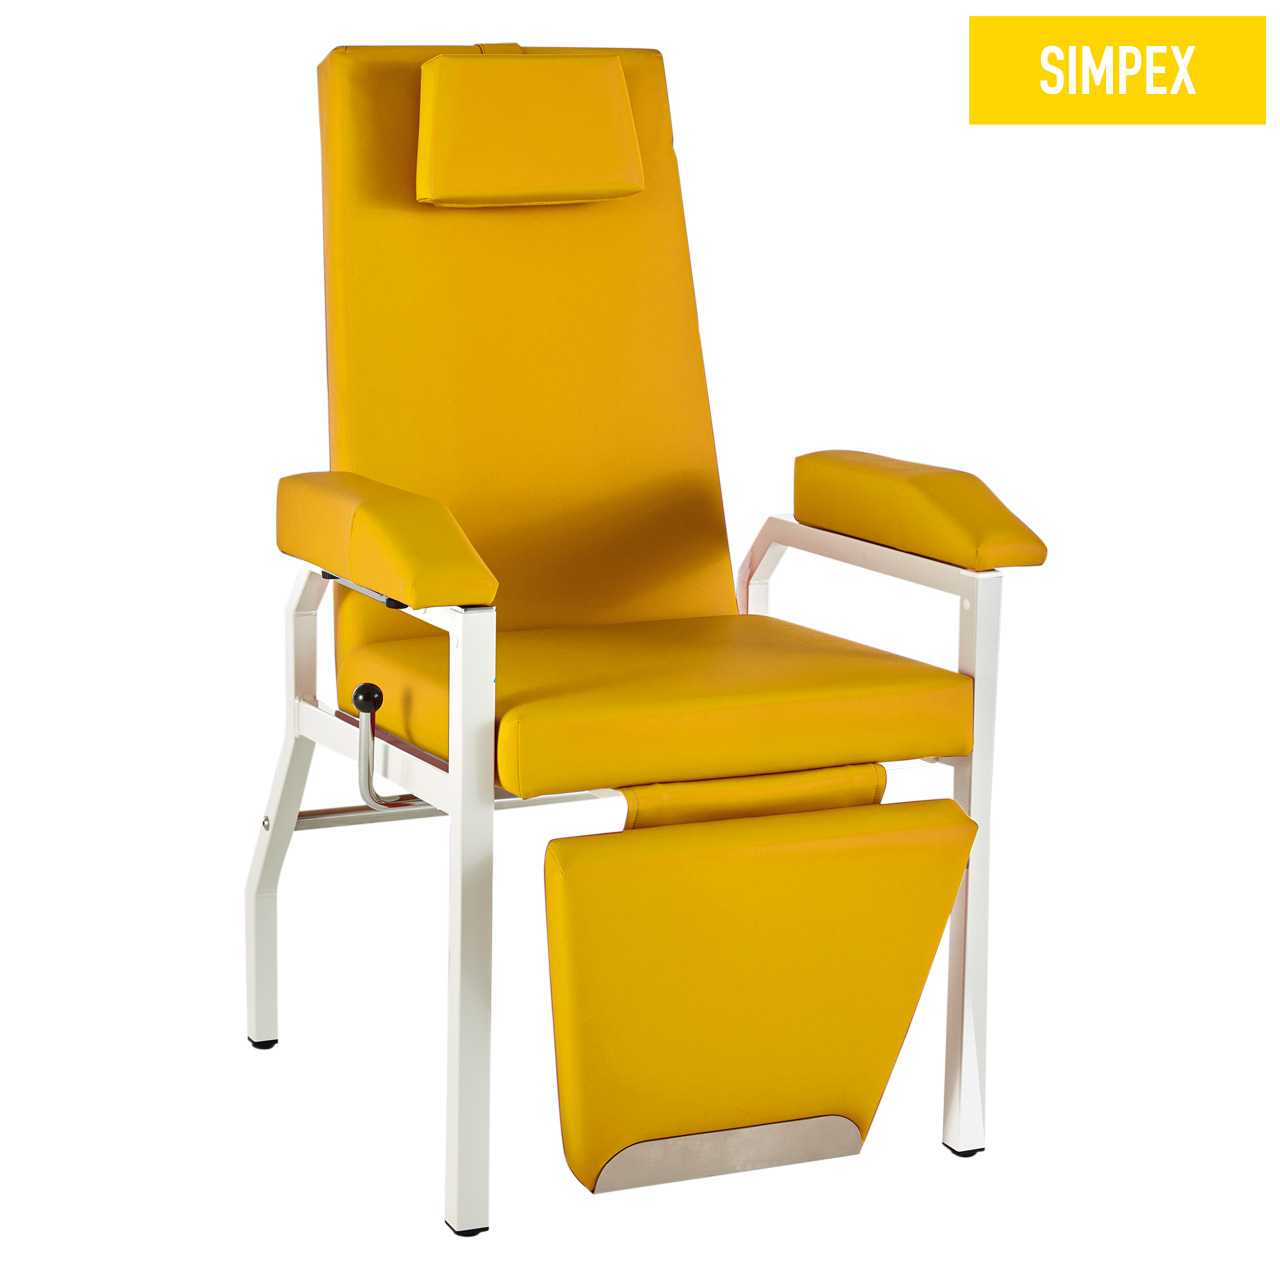 Blutentnahmestuhl Liegesessel HAEMO-FLEXA Cuneo mit Kunstleder in gelb (mais) und einem Gestell aus Stahl grauweiß gepulvert von SIMPEX